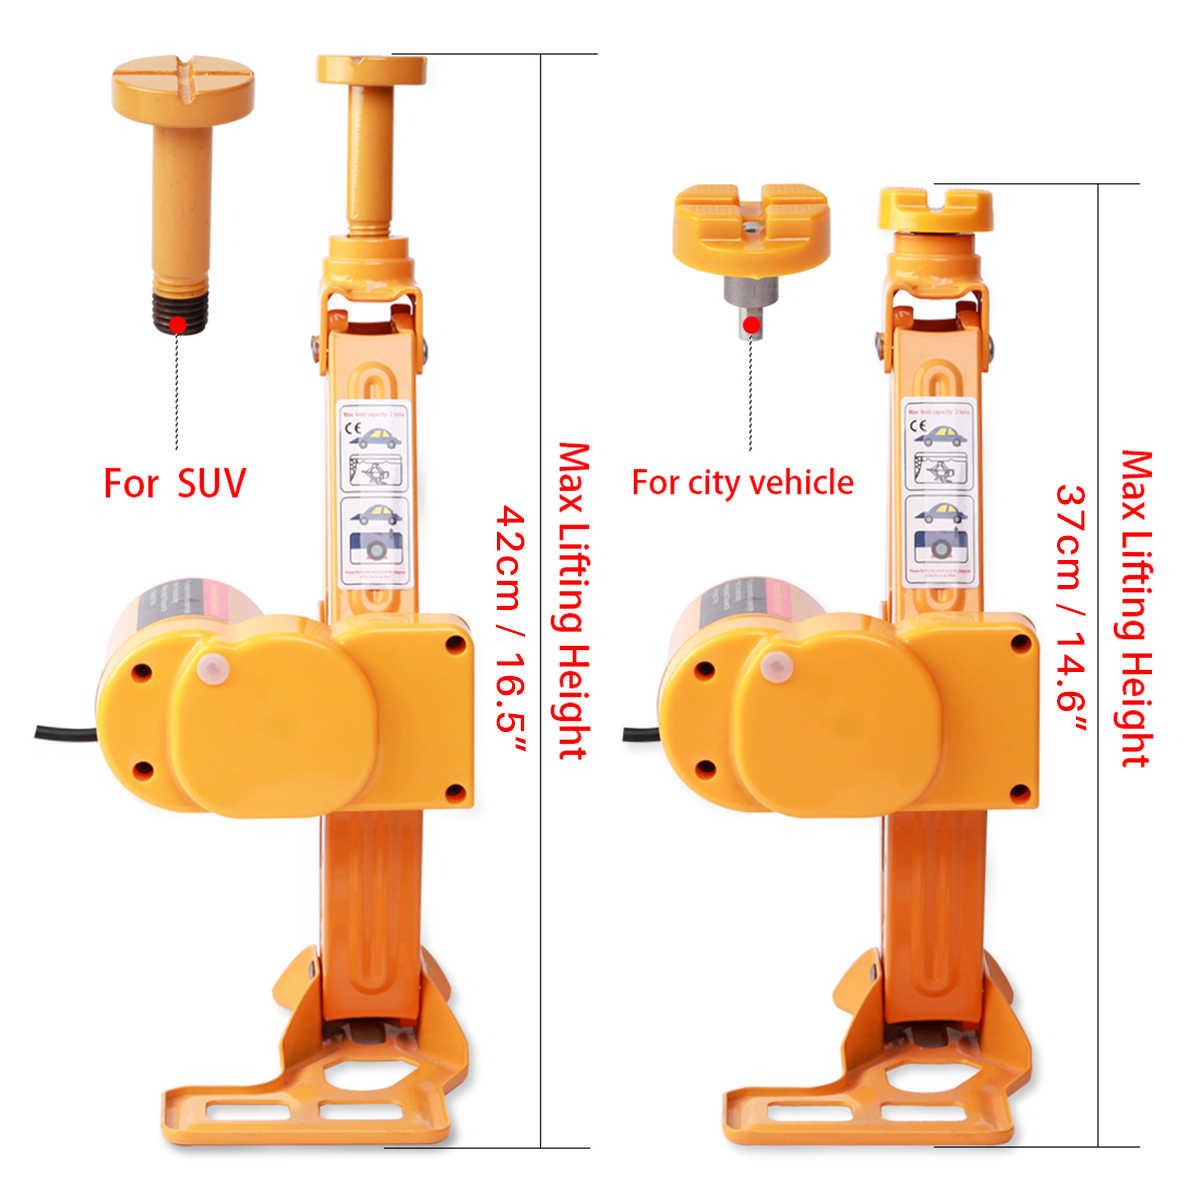 12 V 3Ton samochód elektryczny gniazda opony płyn do wymiany Podnośnik hydrauliczny wpływ klucz LED światła Auto podnoszenia zestaw narzędzi do naprawy